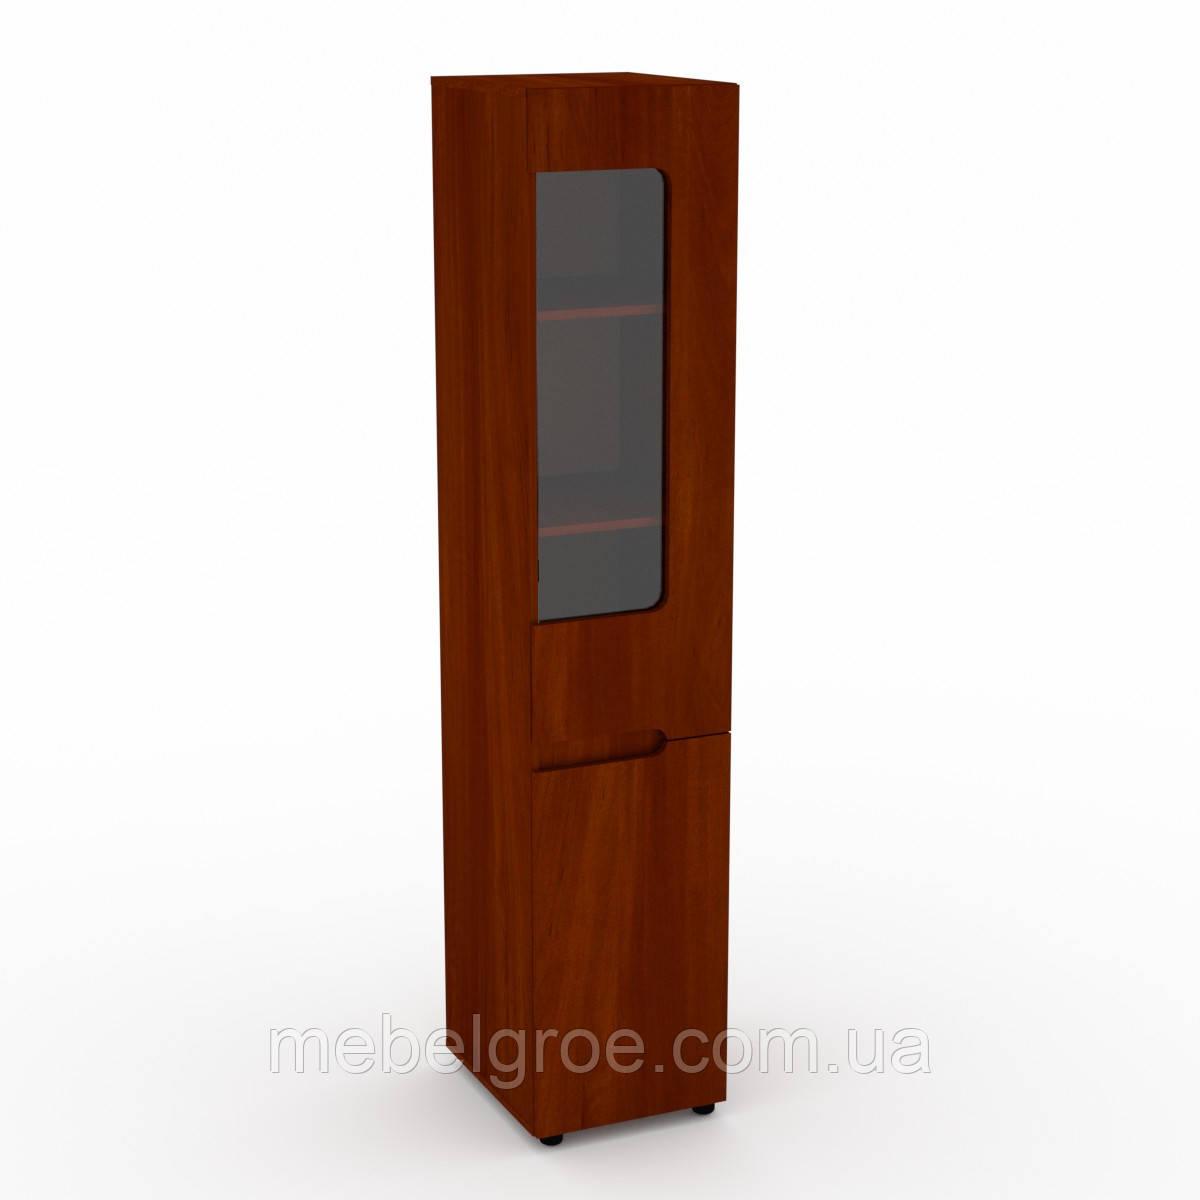 Шкаф для одежды МС 24 МДФ (правый) тм Компанит